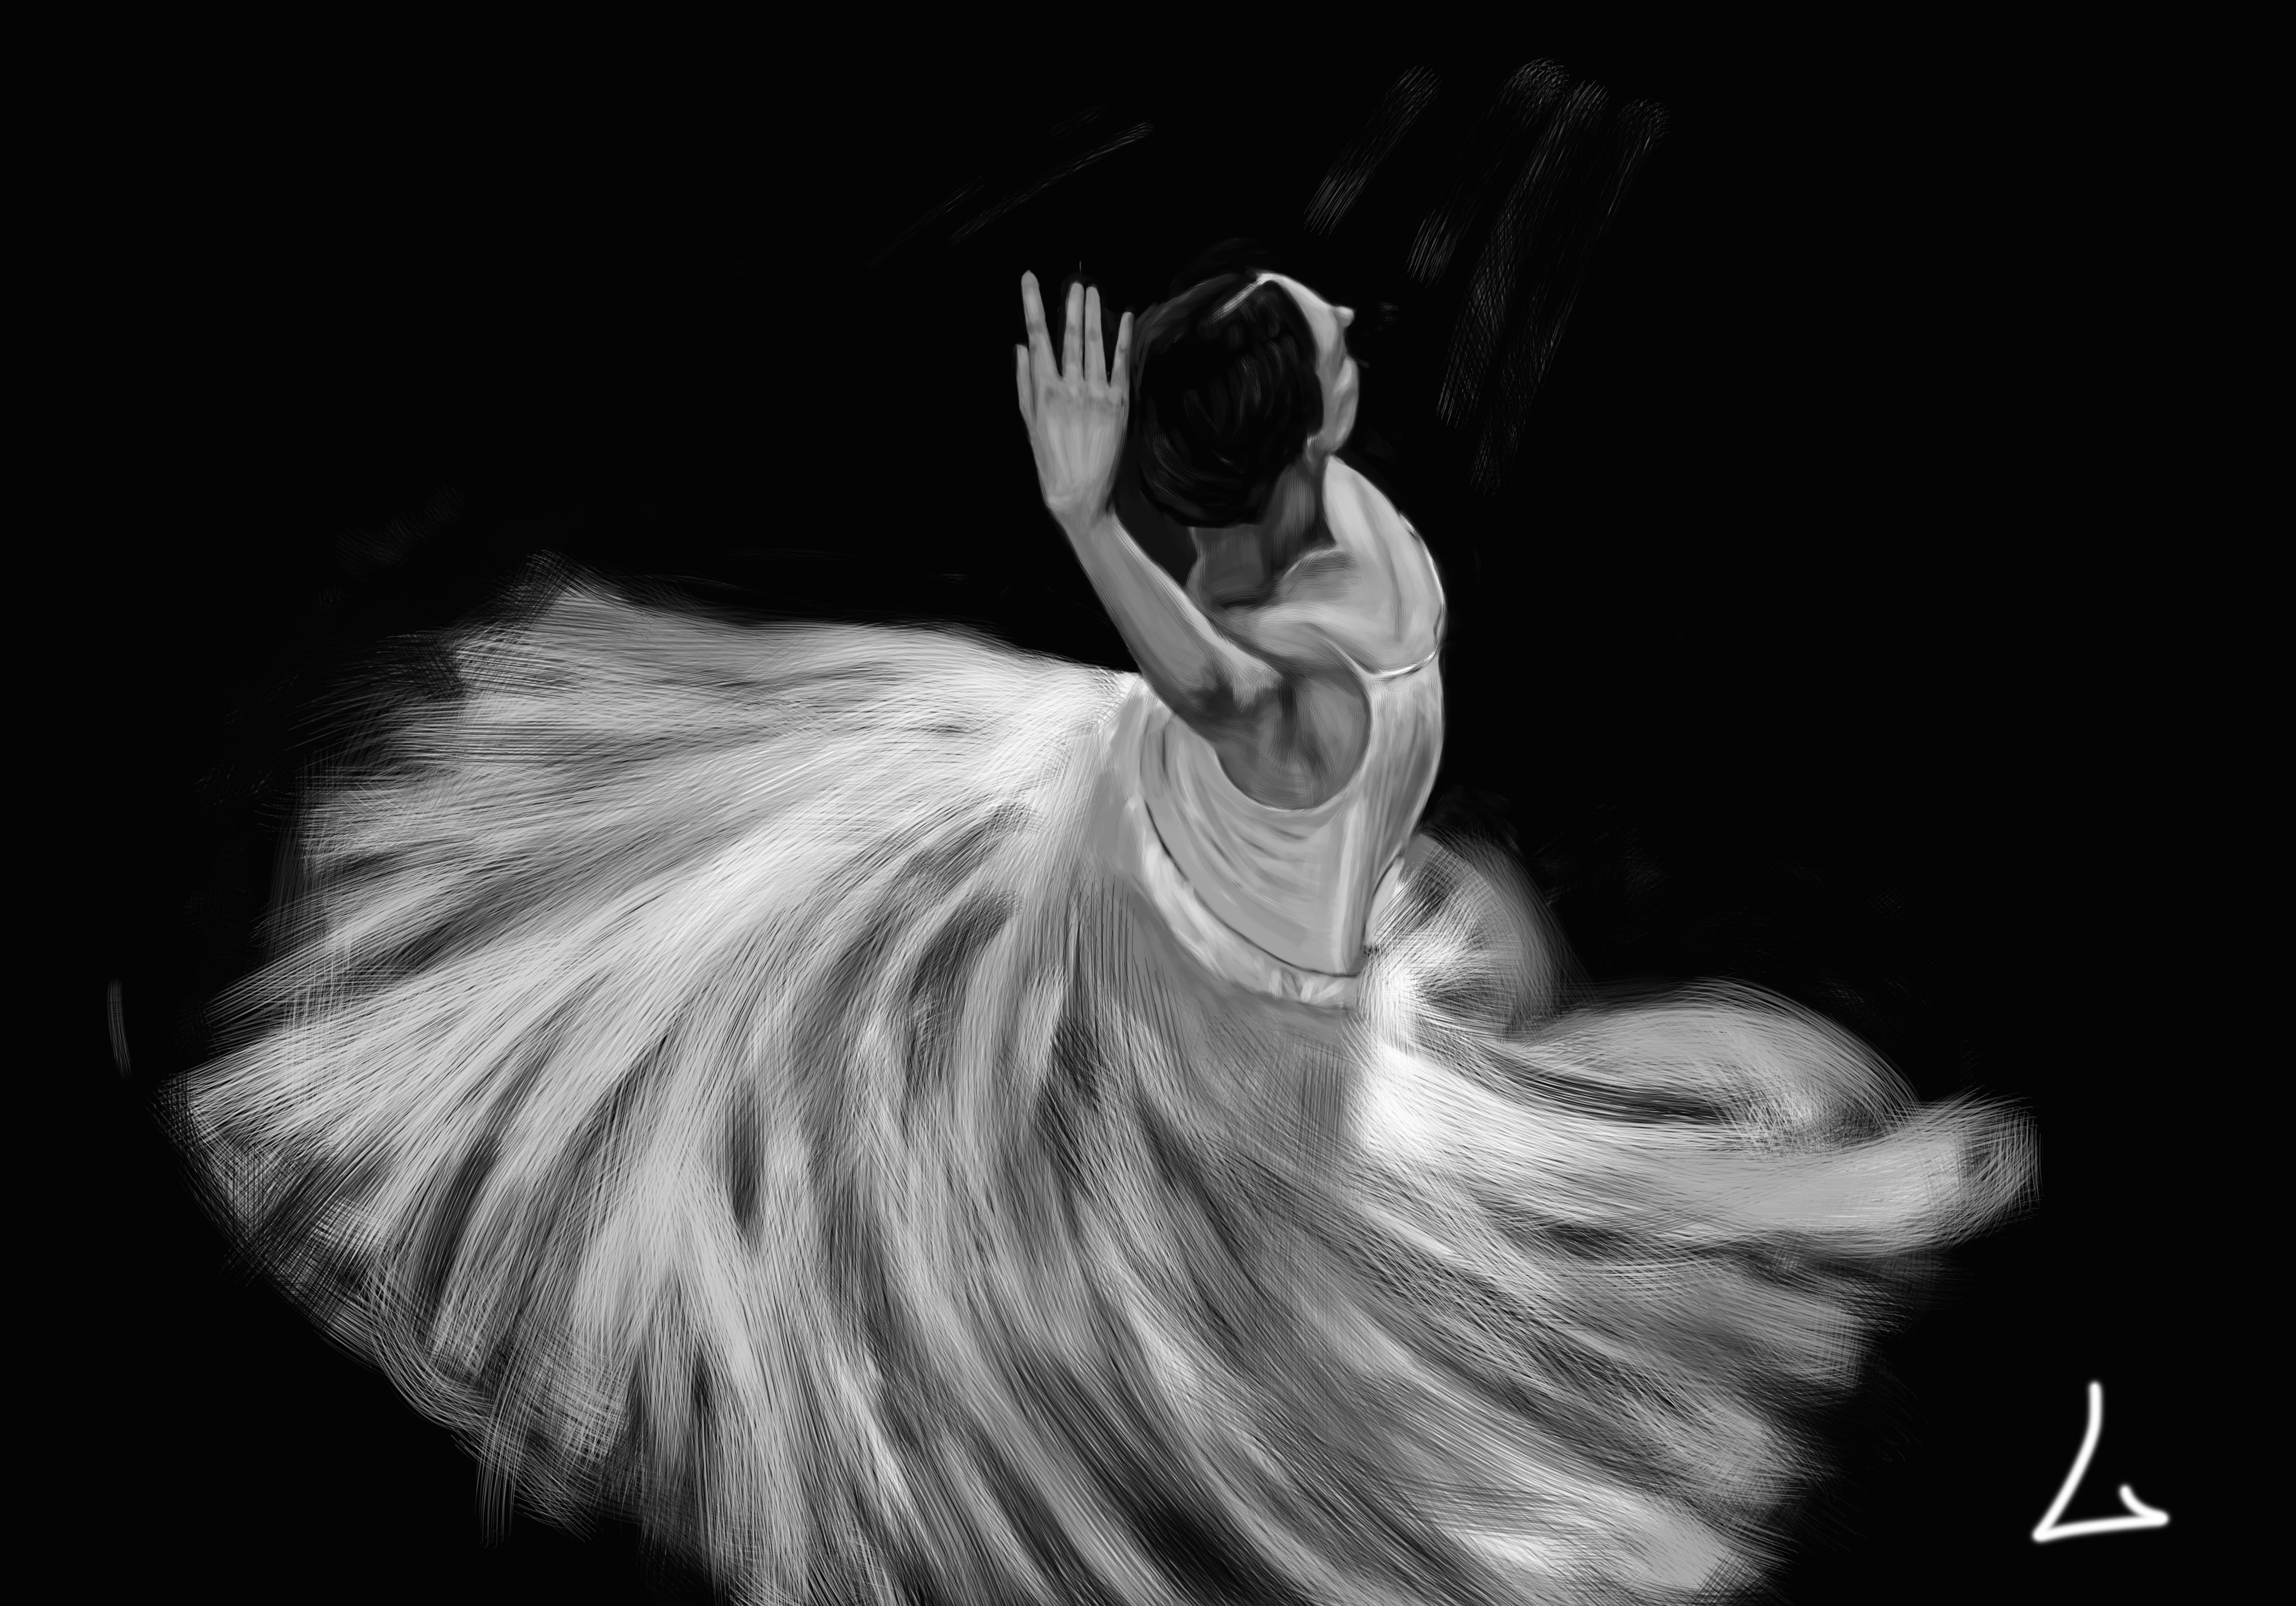 舞者手绘练习